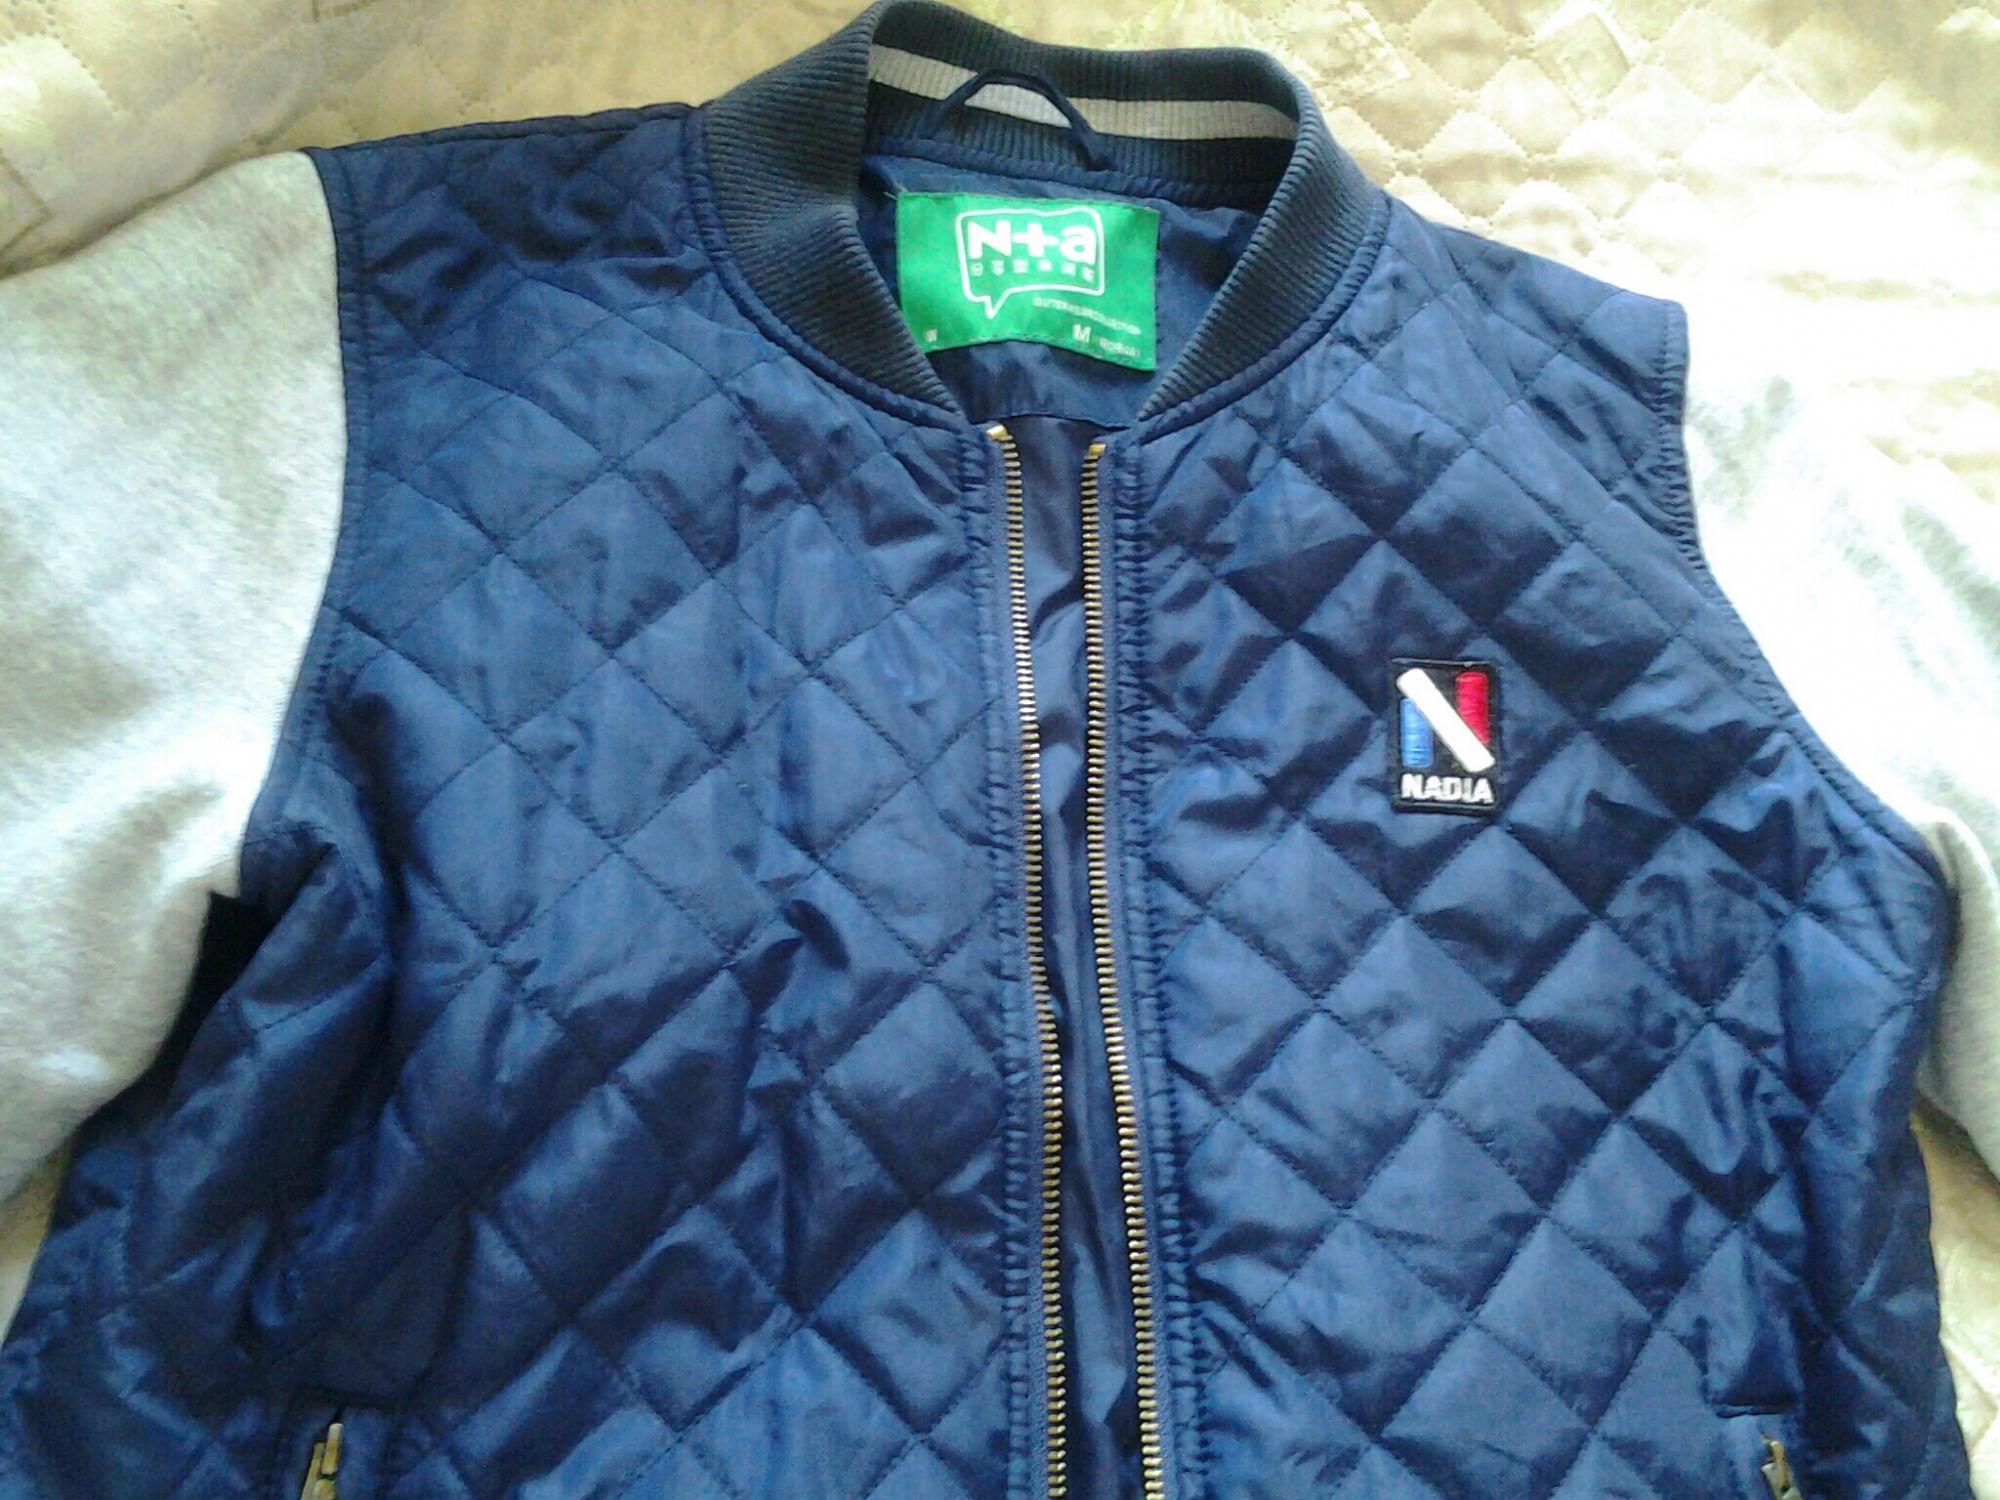 куртка муж М в Москве 89164909941 купить 4